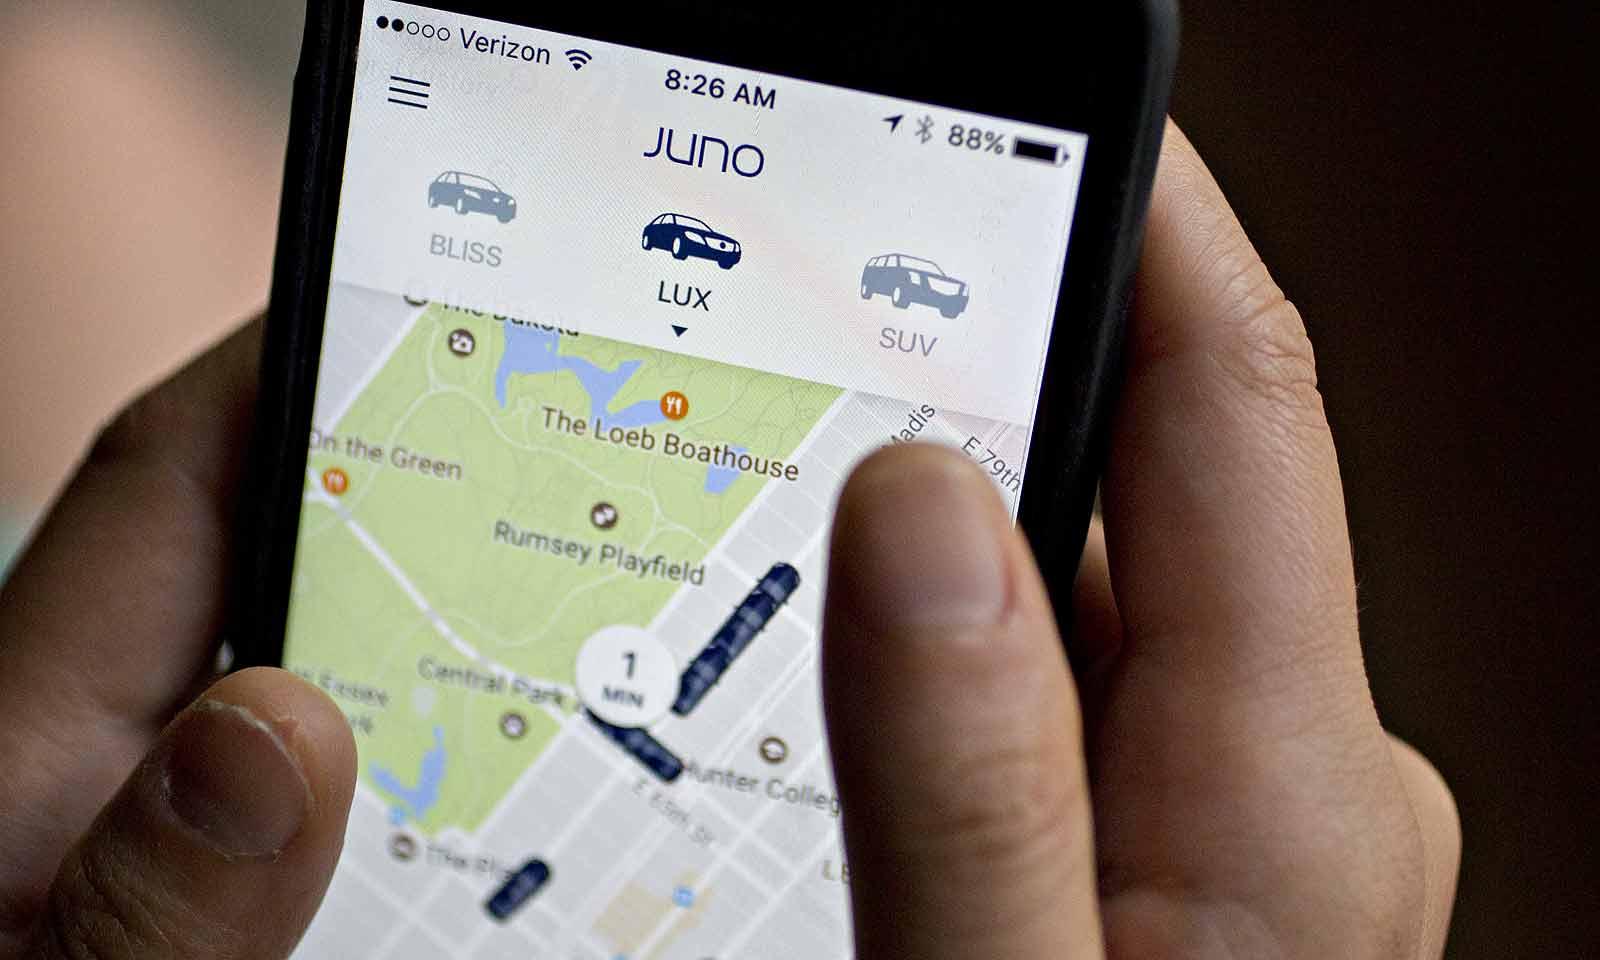 Uber rival Gett mulls sale of ride-sharing startup Juno